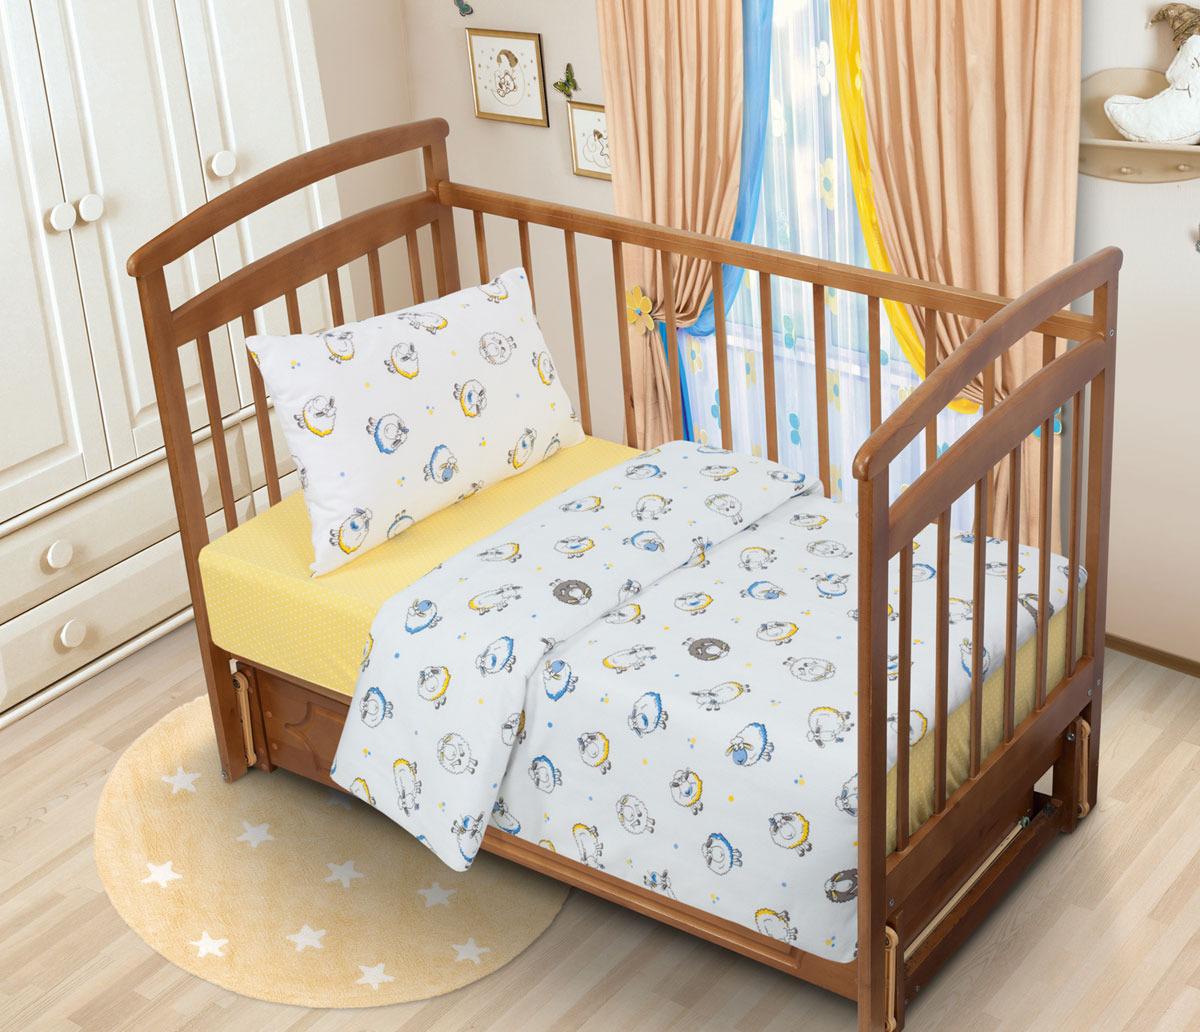 все цены на Детский комплект постельного белья Tatkraft Овечка Ламми, фланель, цвет: разноцветный. 17733 онлайн